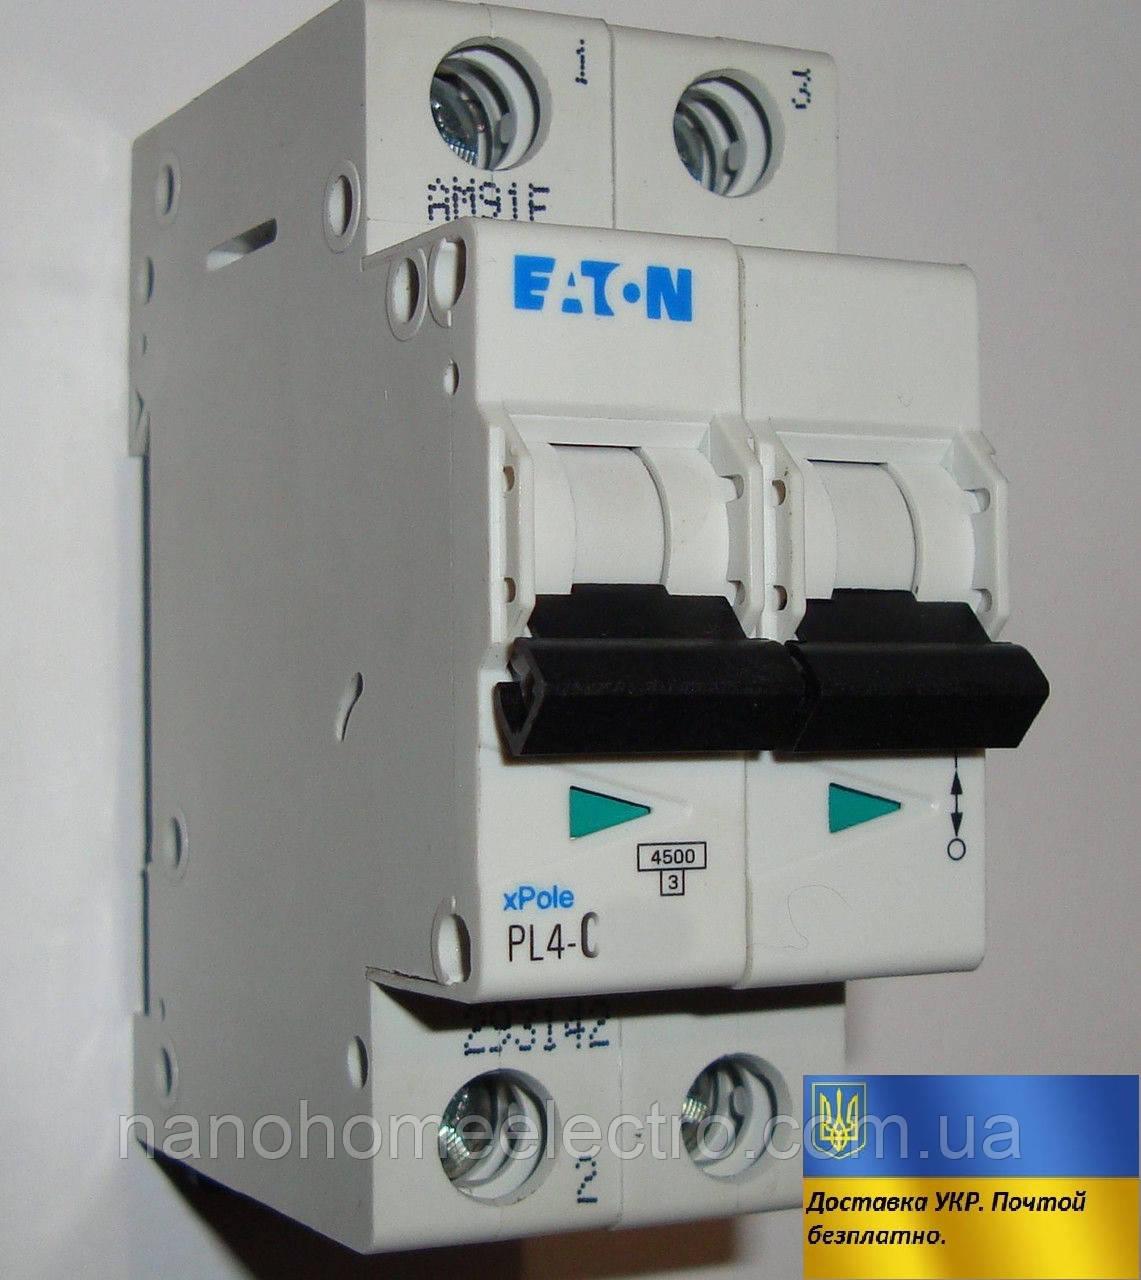 Автоматический выключатель Eaton-Moeller PL4-C 2P 50A  - NanohomeElectro в Днепре